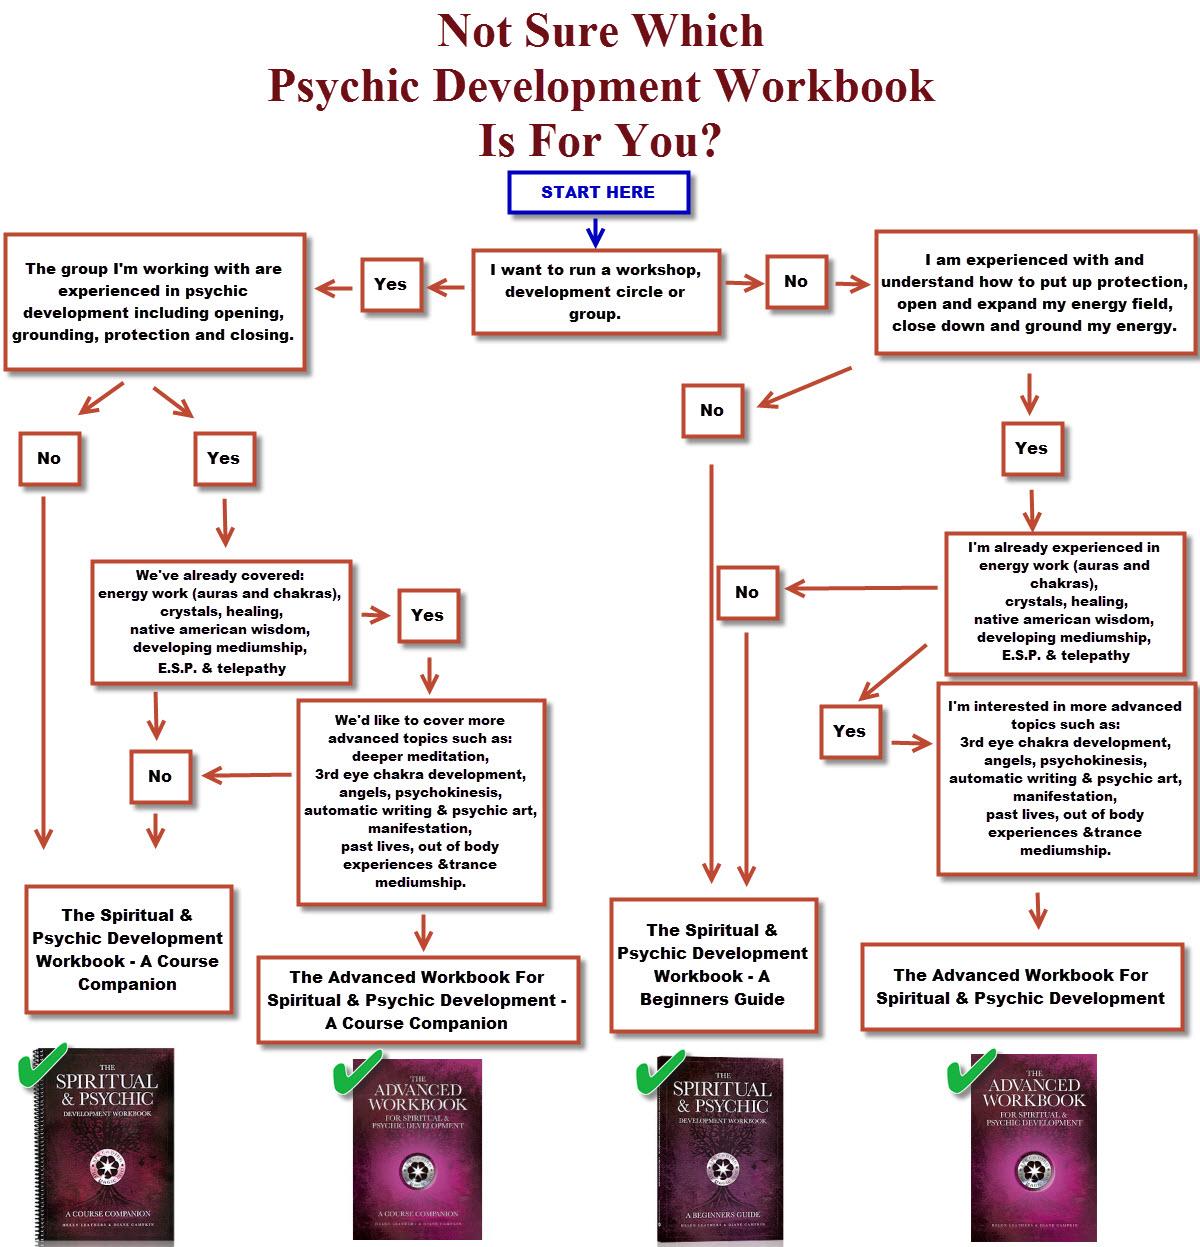 psychicworkbook_flowchart